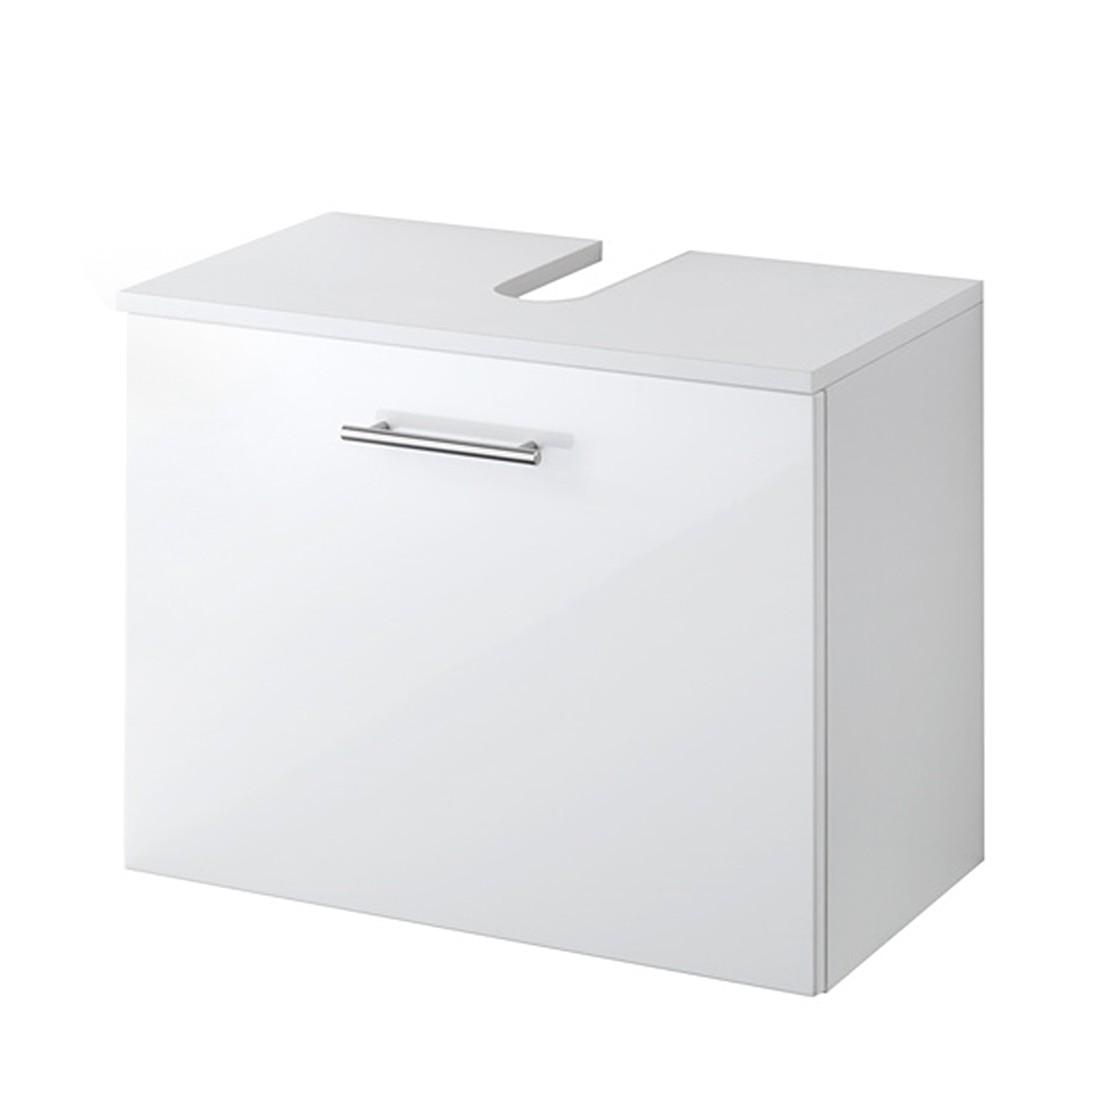 Armadietto da lavabo Aqua Spa - Bianco, Giessbach